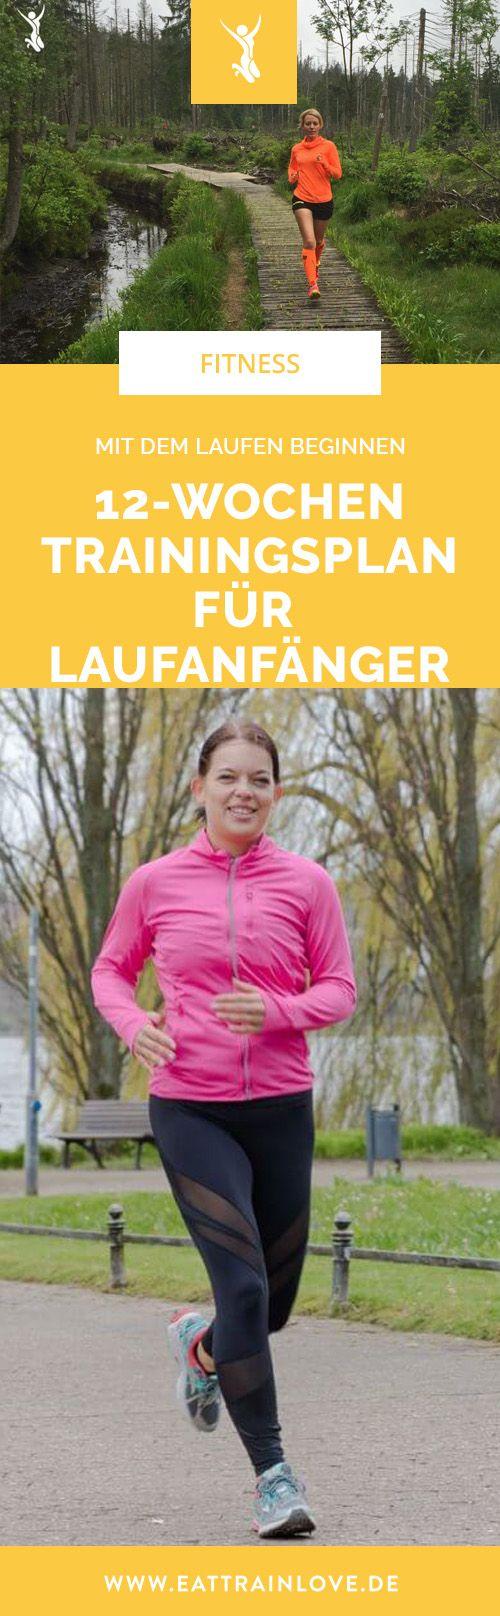 Mit dem Laufen beginnen: Der 12-Wochen-Trainingsplan für Laufanfänger – Laufen